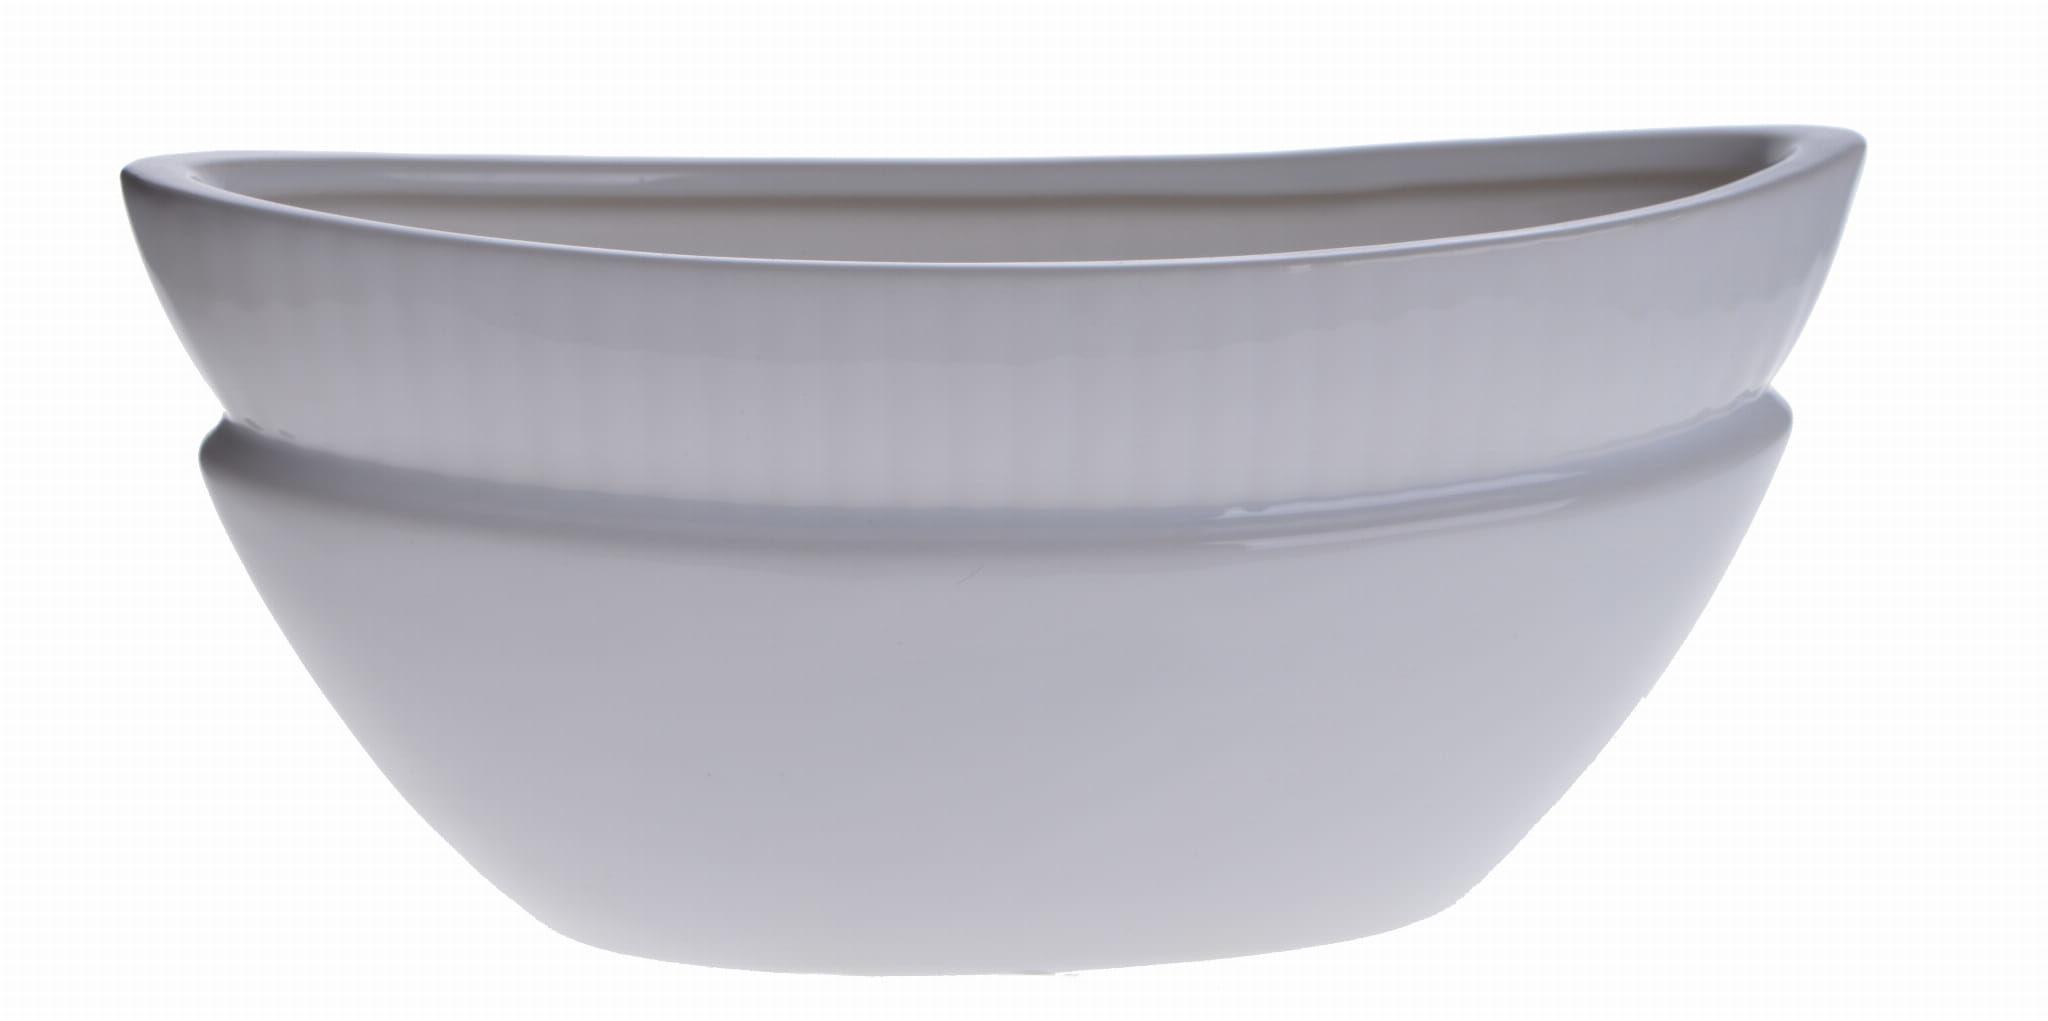 Biały wazon z ceramiki w oryginalnym kształcie